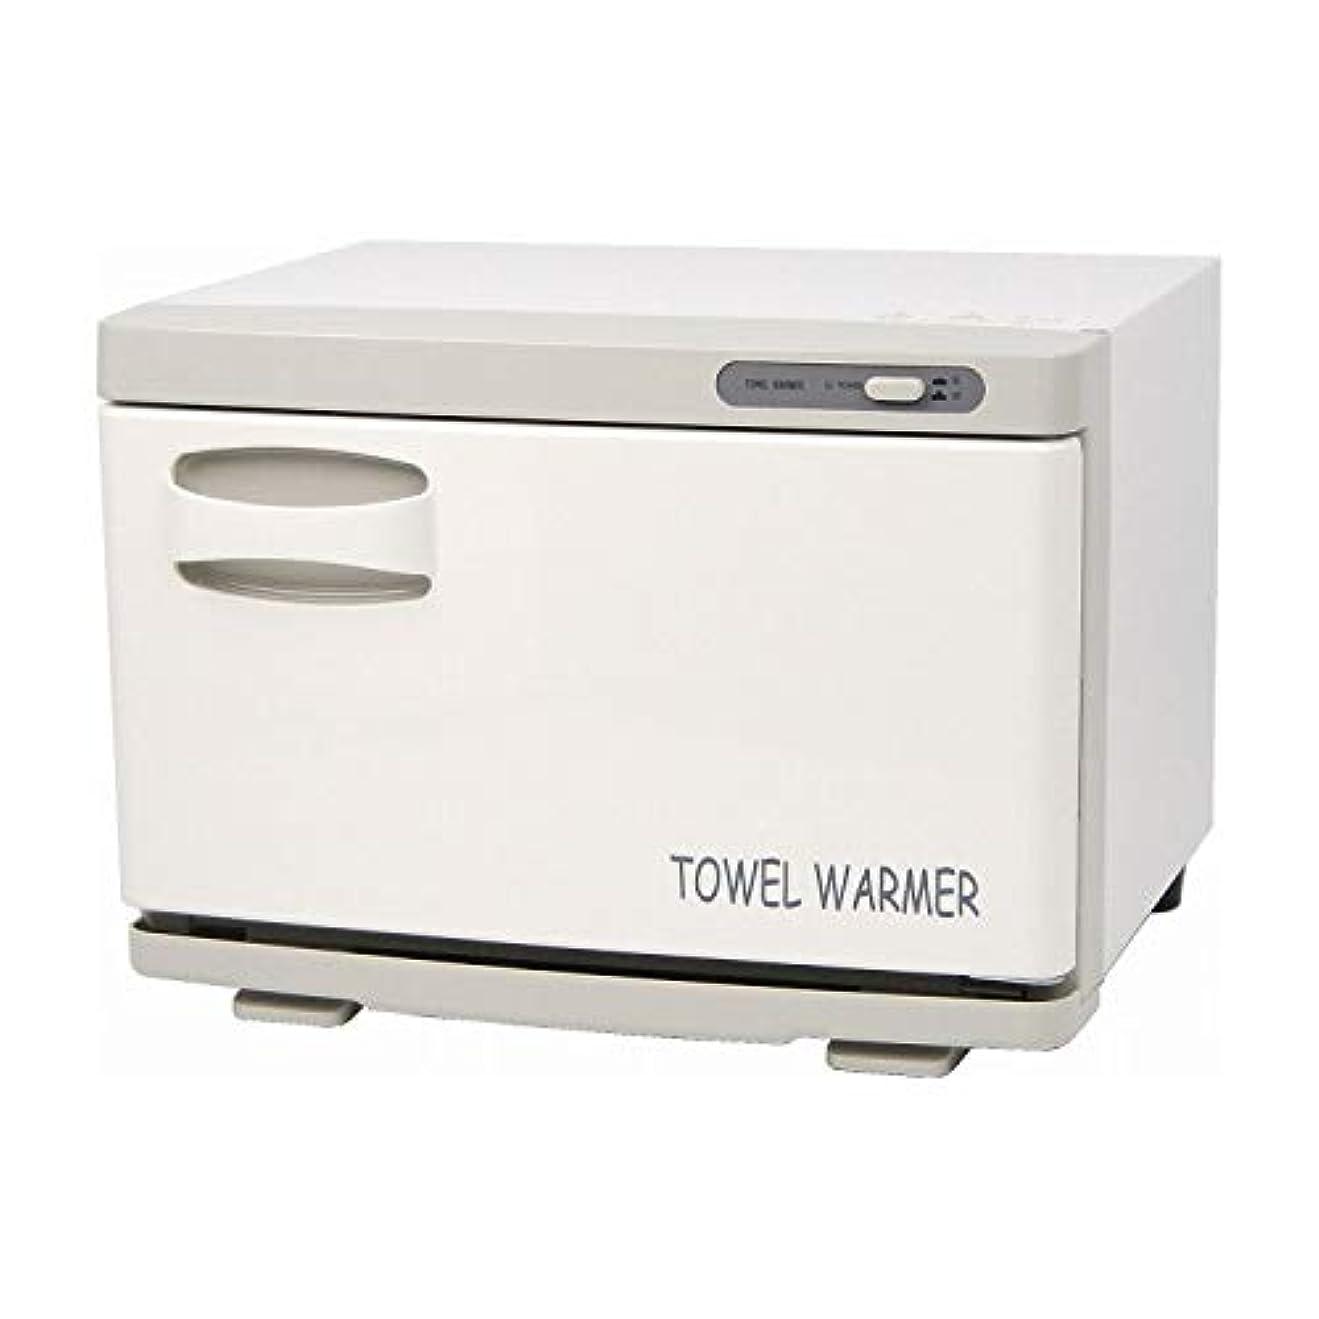 ワードローブ拡張実験的タオルウォーマー TW-12F[ホワイト前開き]新品 おしぼり蒸し器 おしぼりウォーマー ホットウォーマー タオル蒸し器 タオルウオーマー ホットボックス